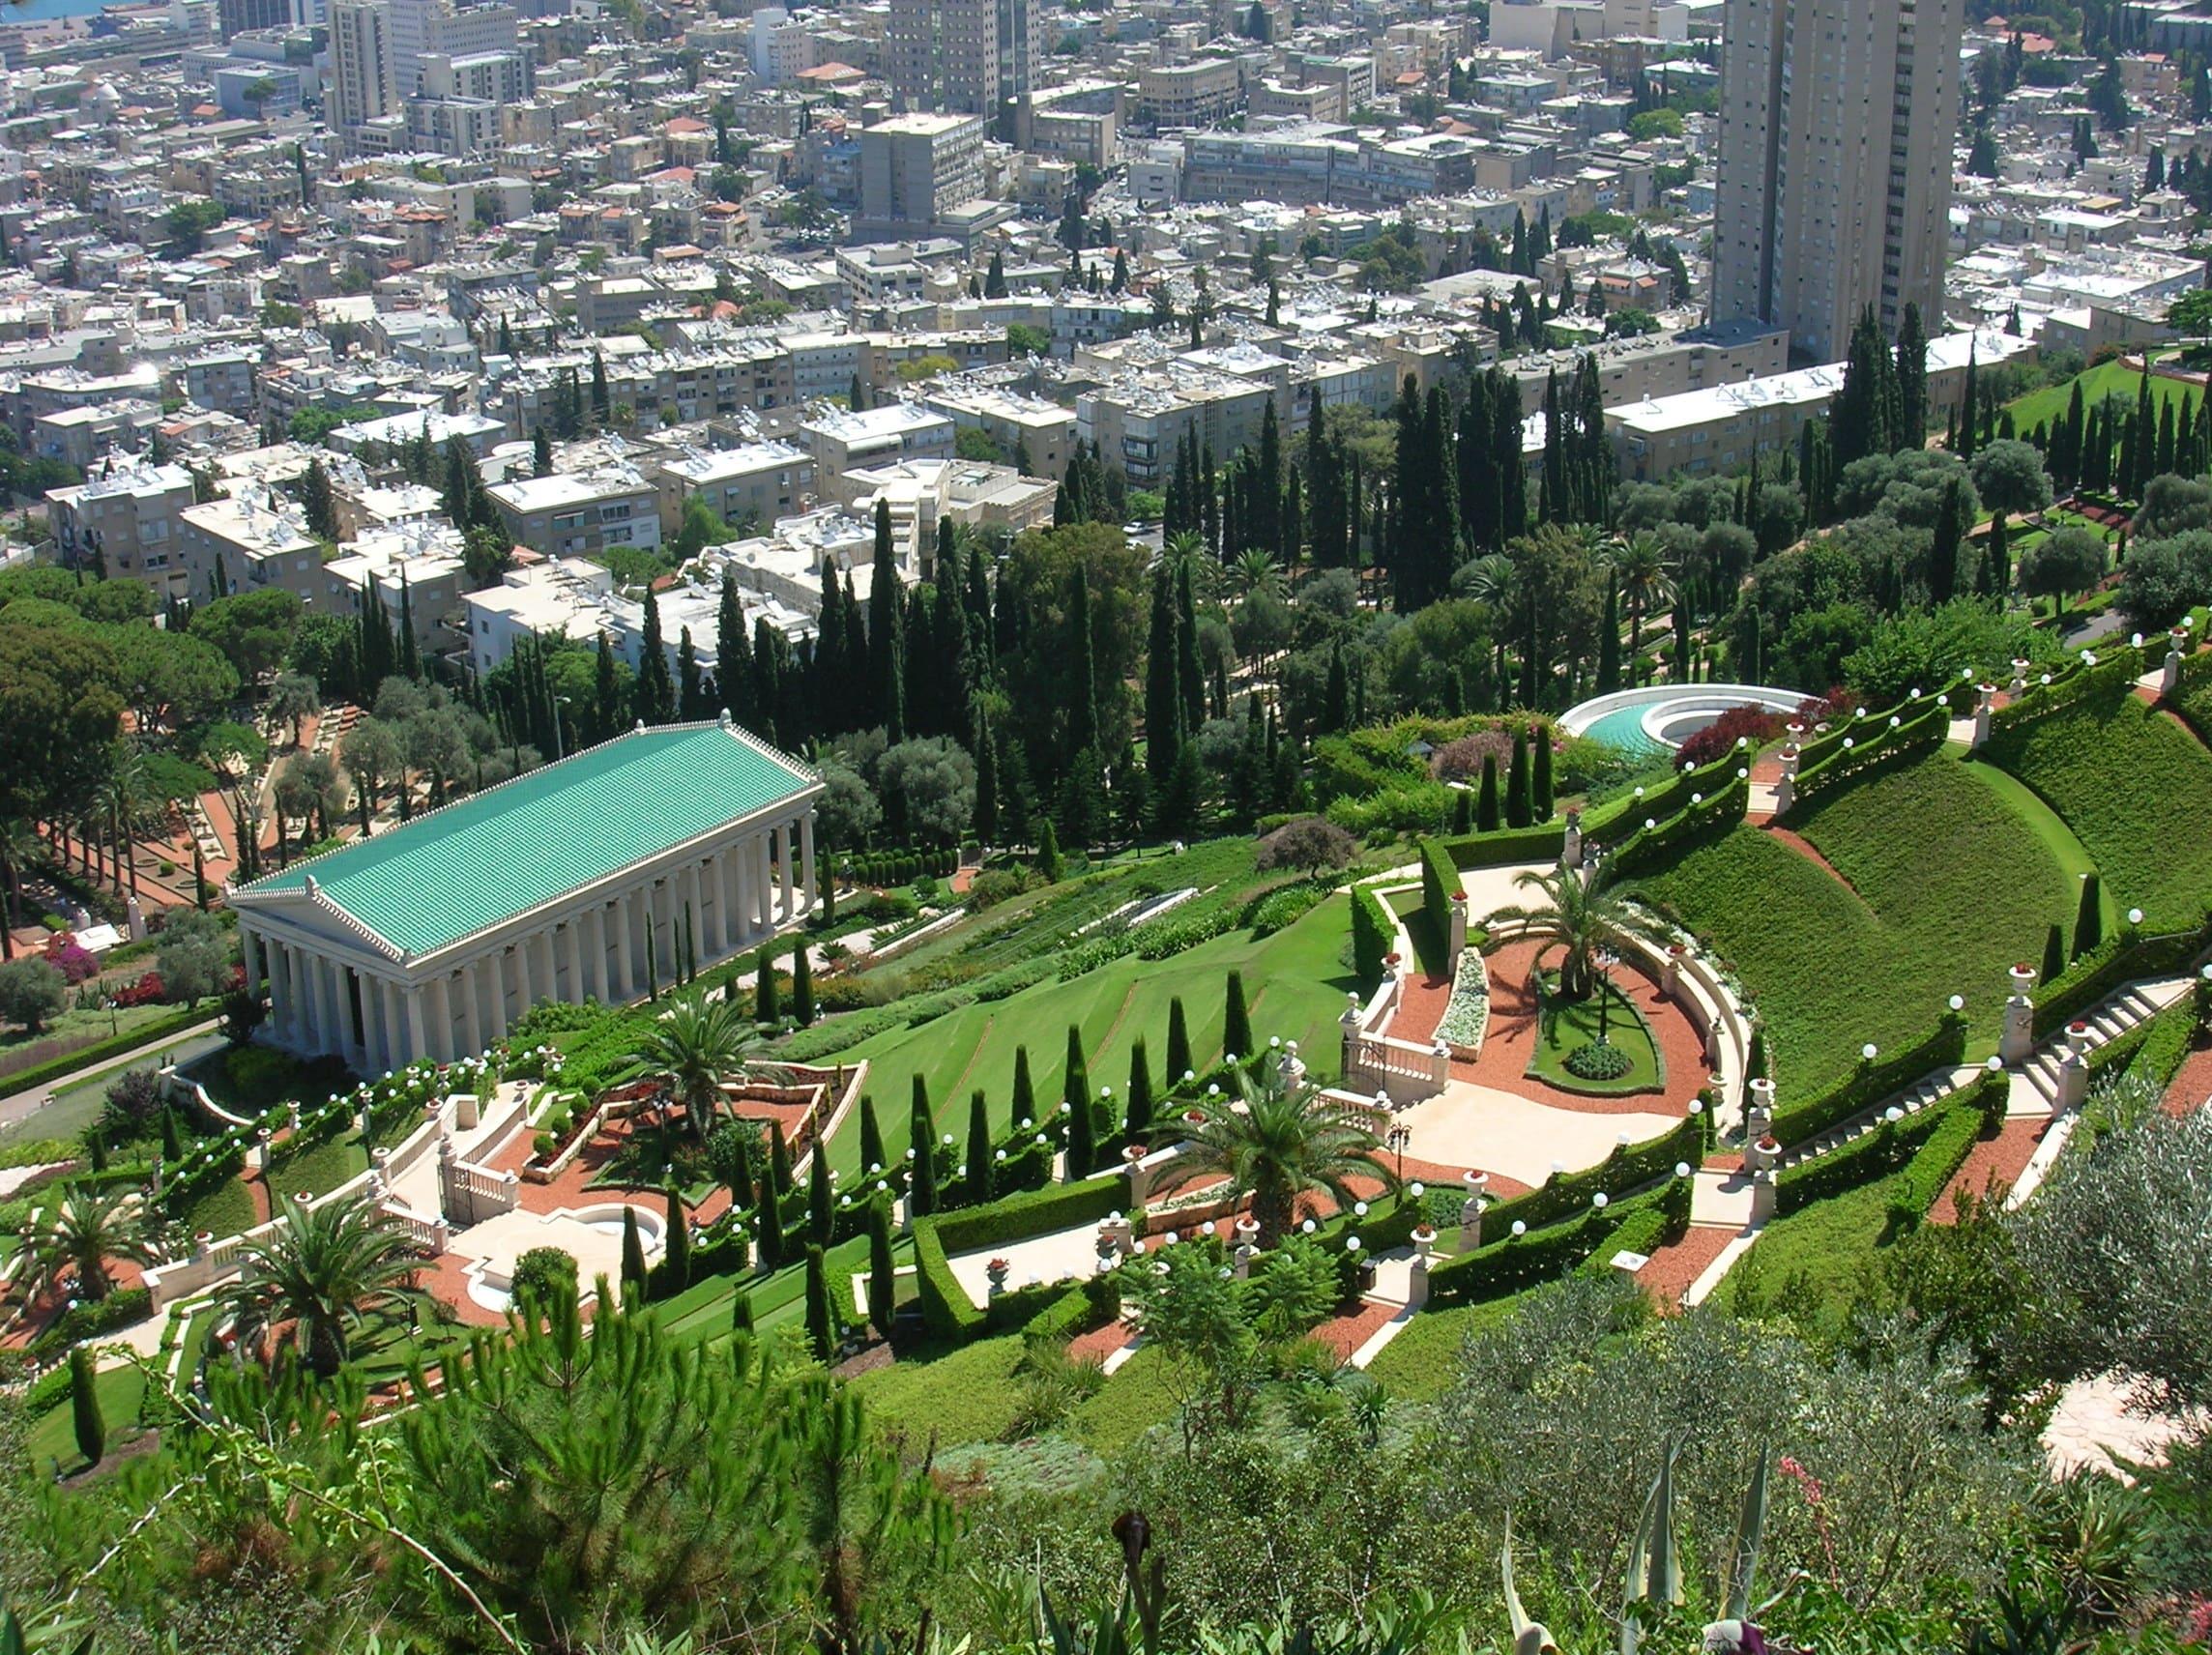 حسین امانت مرکز آموزش بینالمللی بهاییت – حیفا، اسرائیل